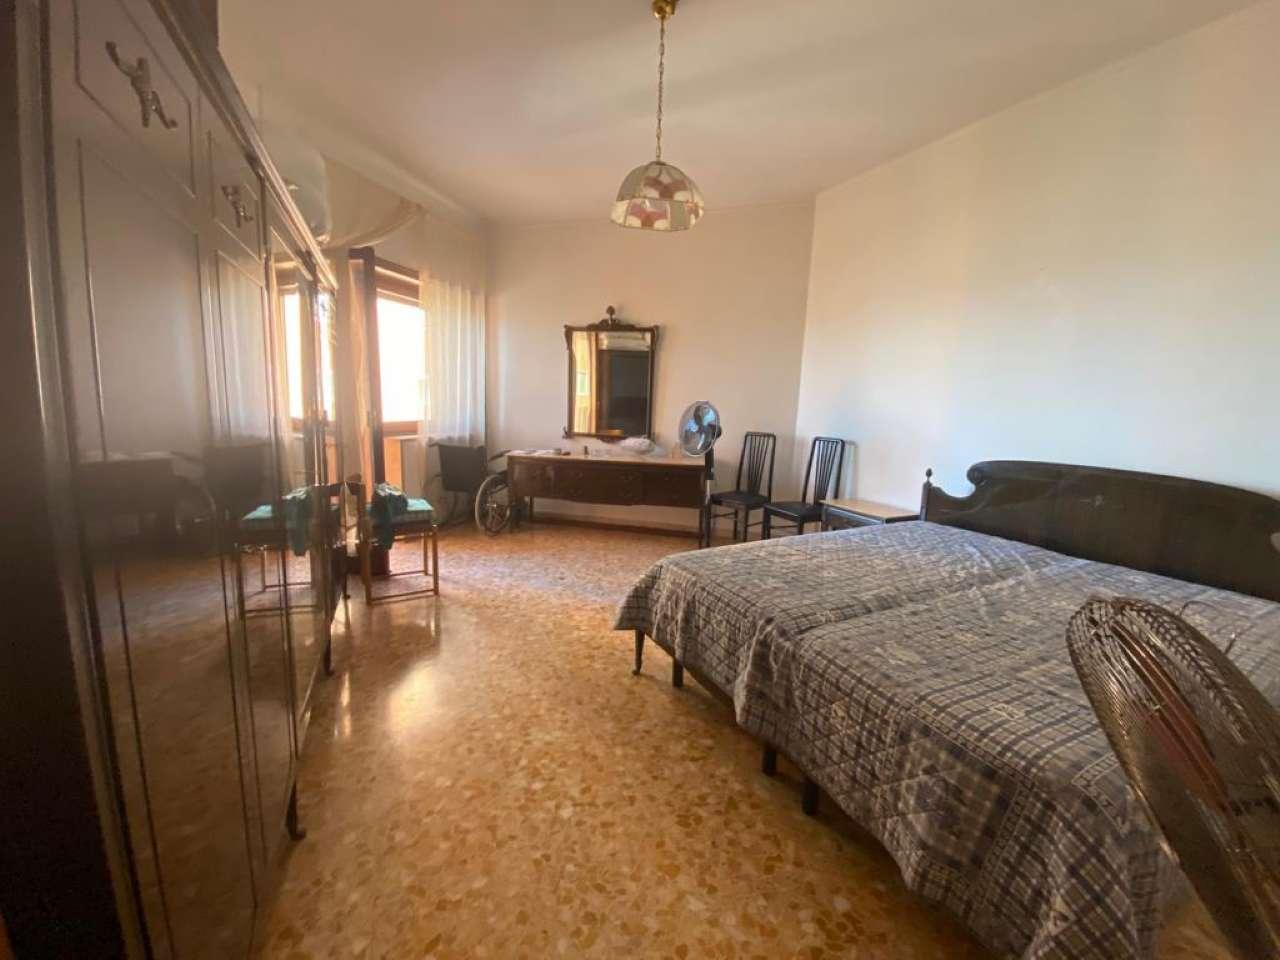 Appartamento, Via Francesco Cilea, Zona Vomero, Napoli, foto 8